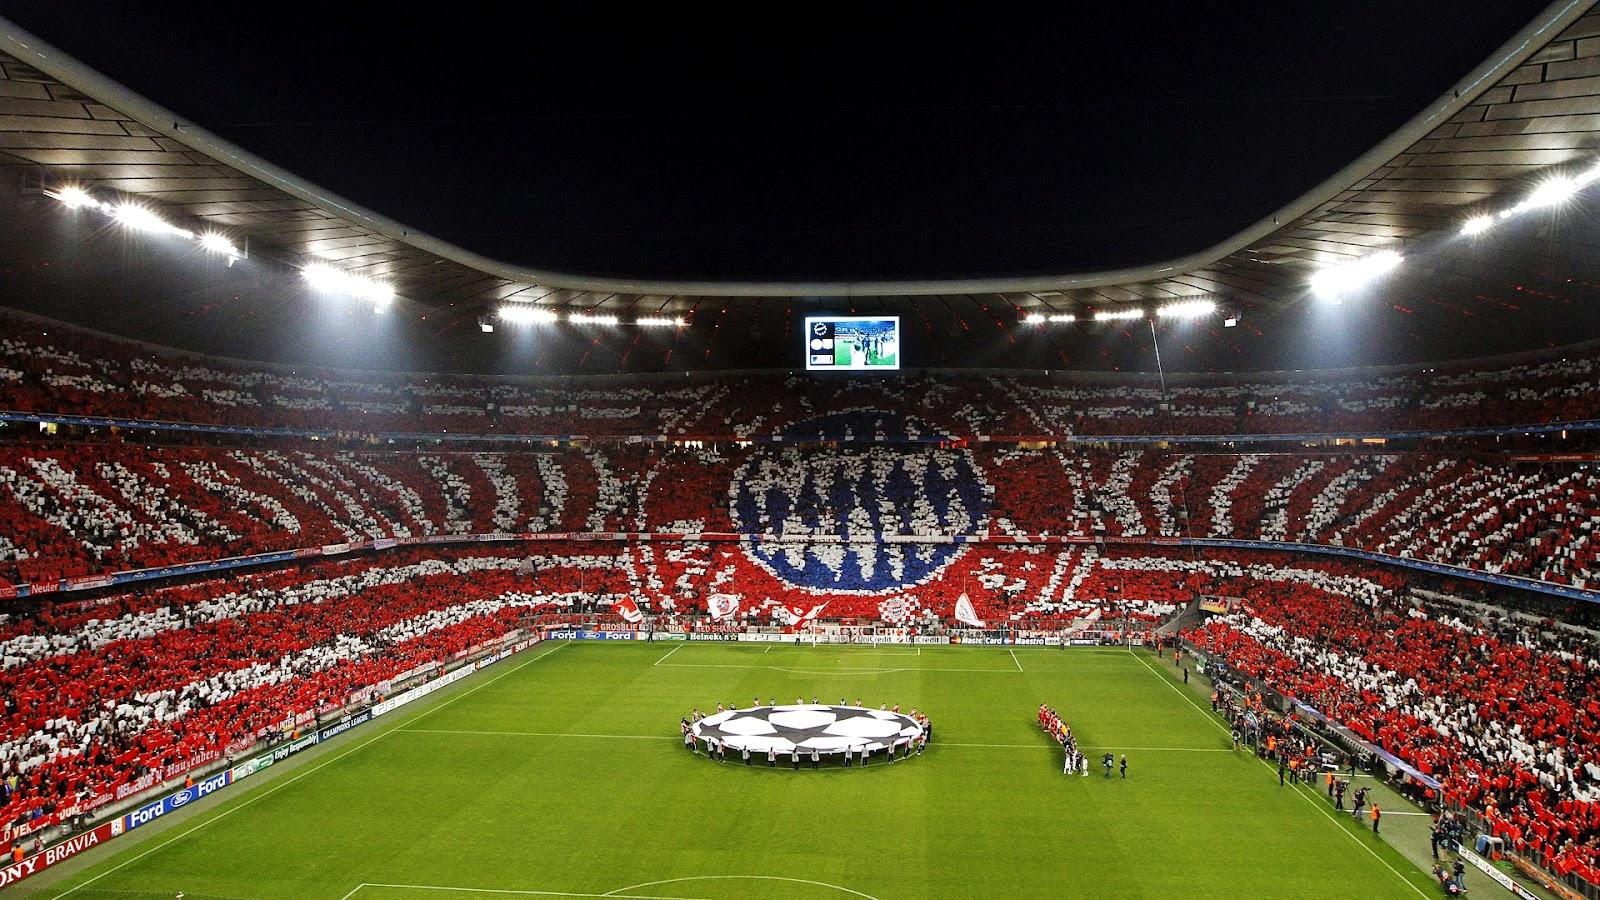 http://1.bp.blogspot.com/-1Mss2oQtKEo/T6UlQ9D7SyI/AAAAAAAABjY/pVHmyUsktmQ/s1600/Bayern_Munich_Stadium_Choreography_HD_Wallpaper-Vvallpaper.Net.jpg